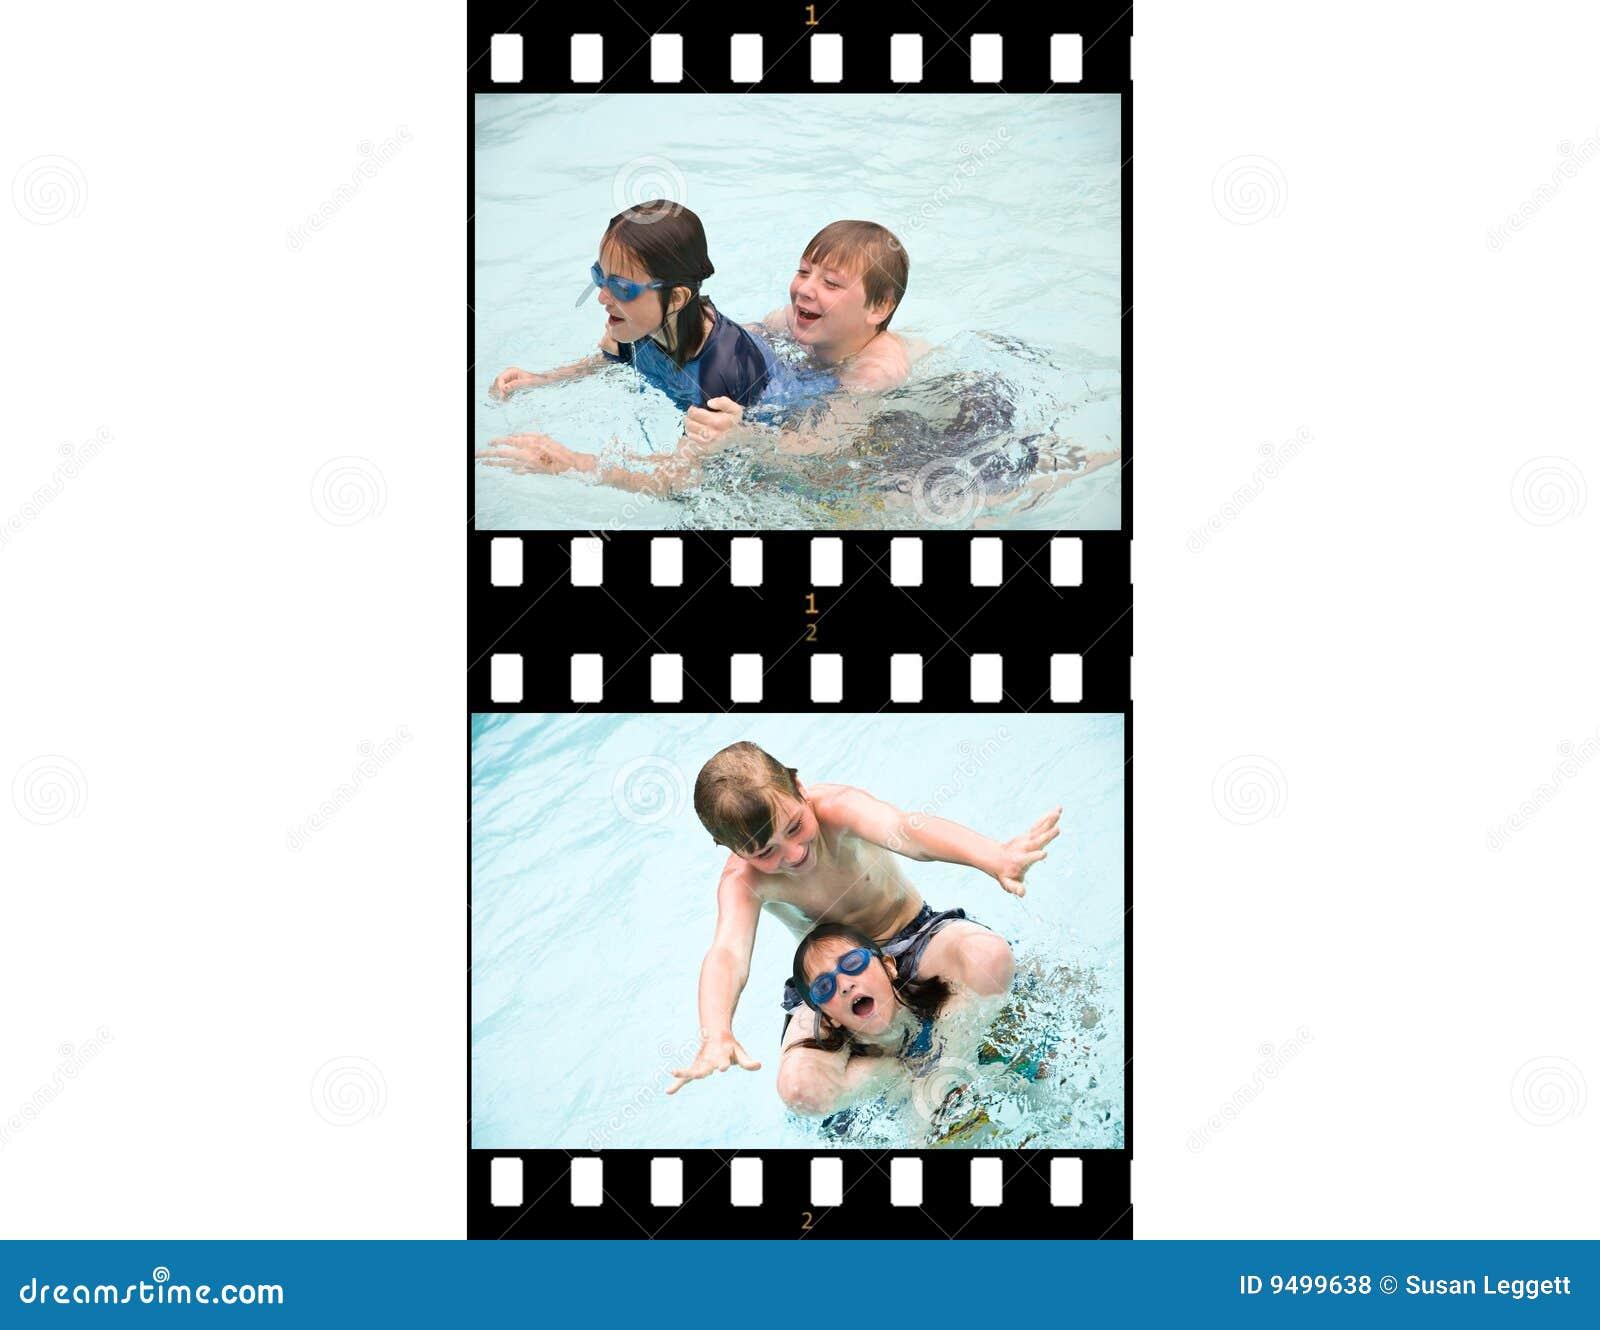 Film-Streifen-Tätigkeit scherzt Schwimmen